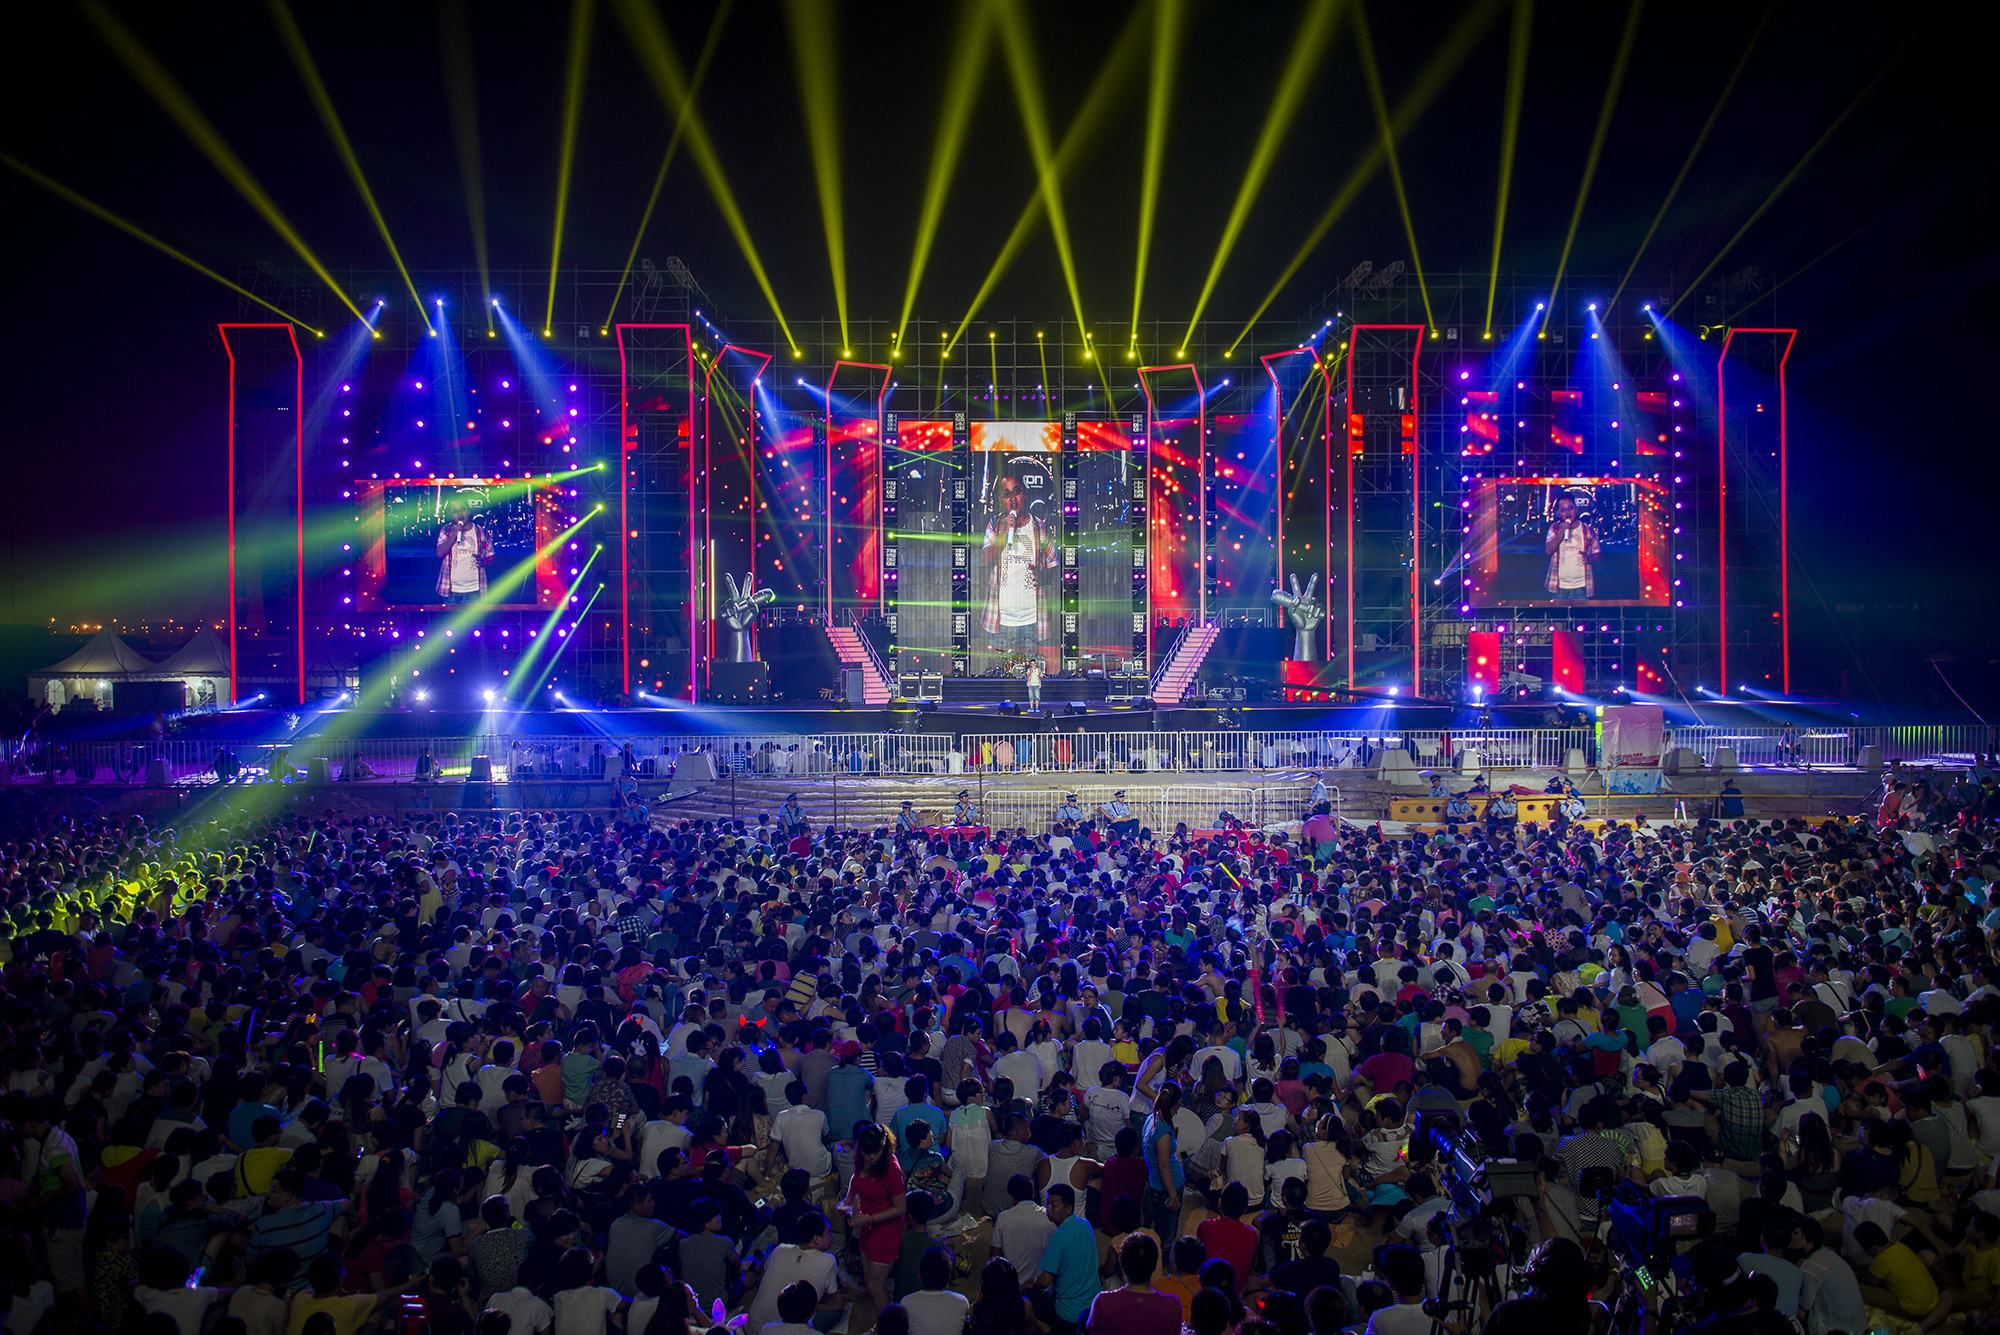 沙滩音乐节_2019珠海沙滩音乐节【在线订票】-黄河票务网